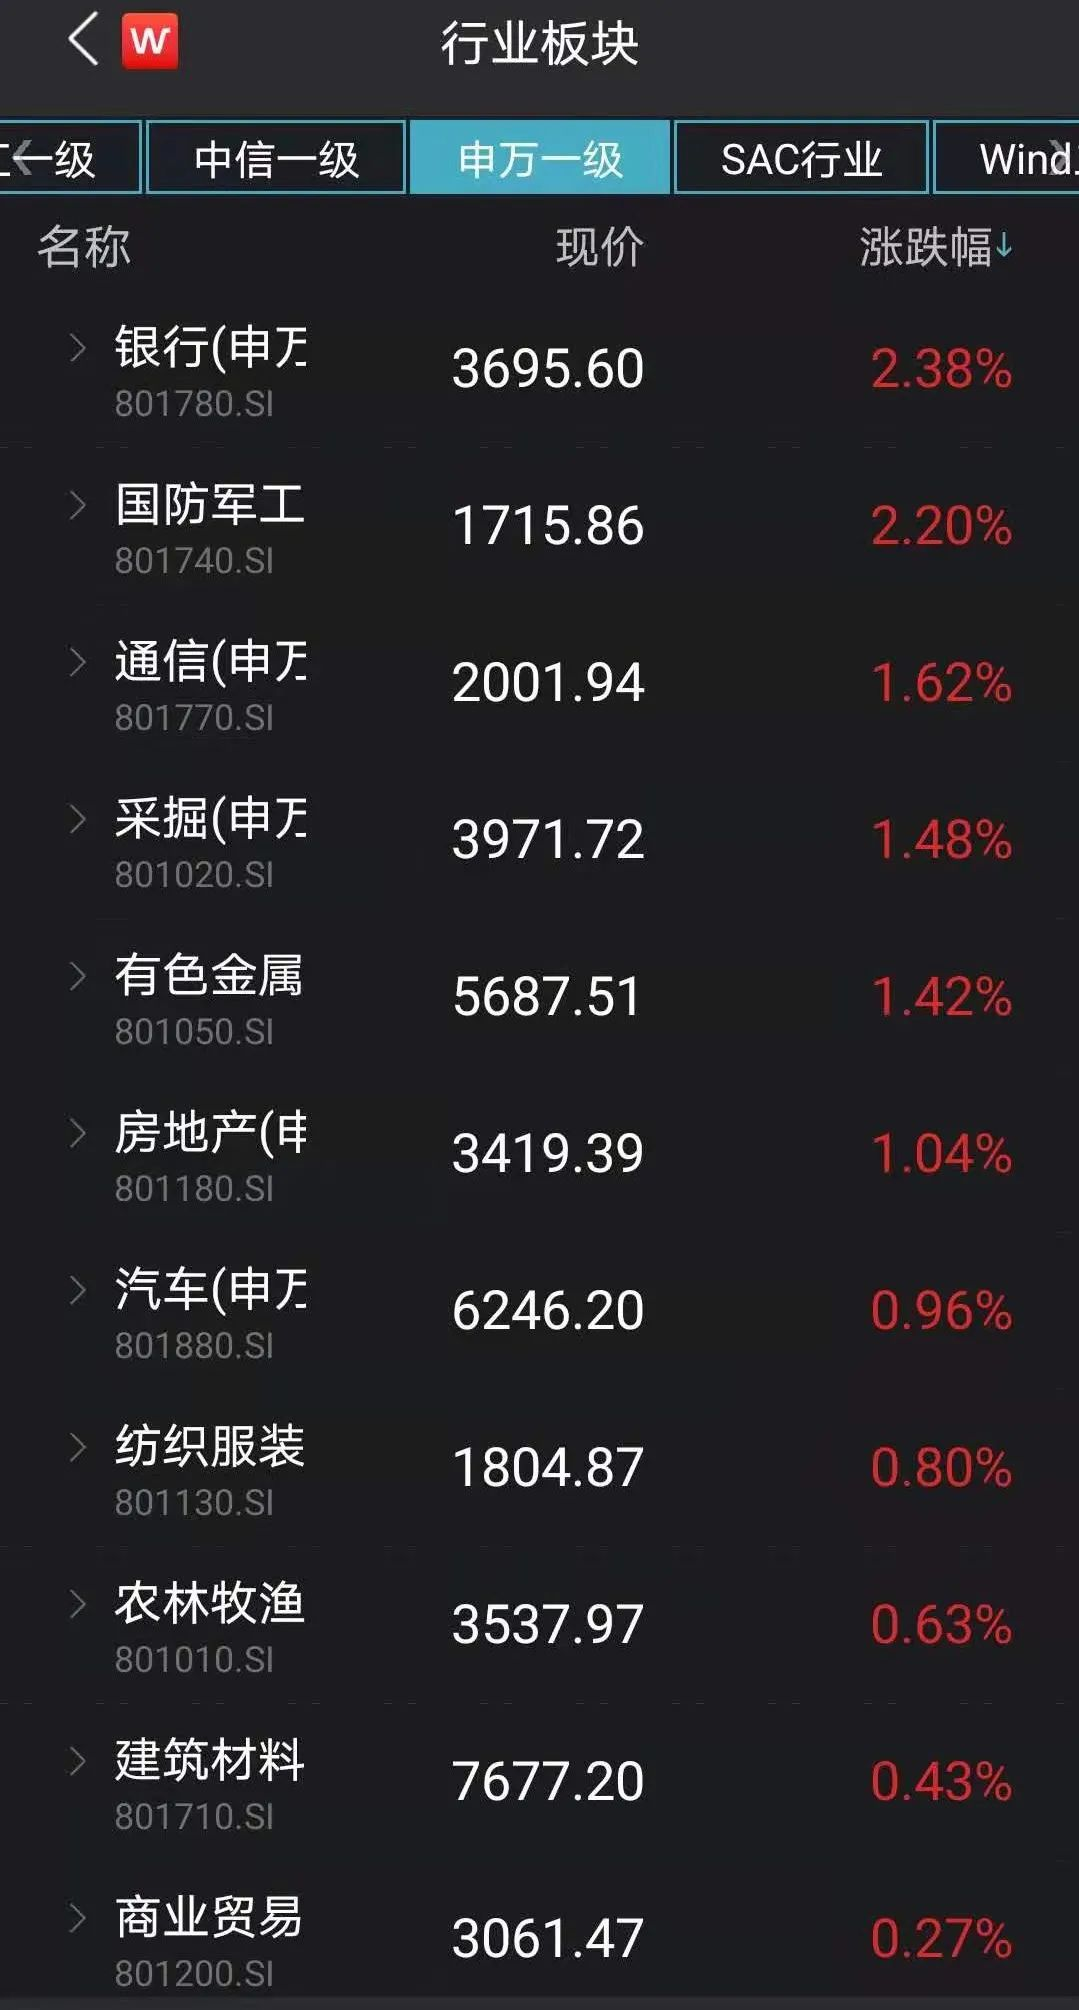 A股风格又生变?热门股跌下去,低估值板块涨起来!机构:切换将继续